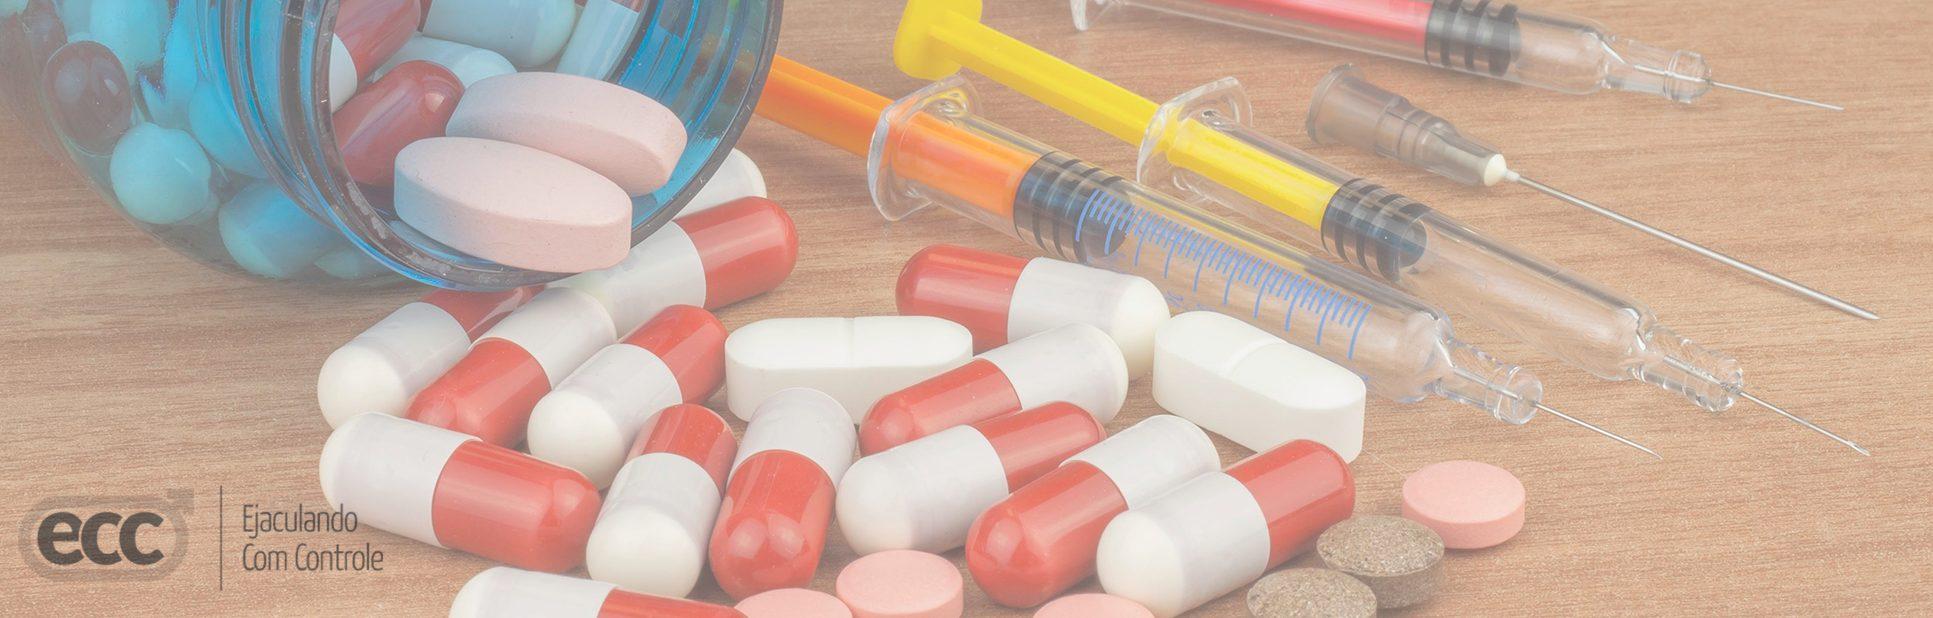 medicamento para ejaculação precoce